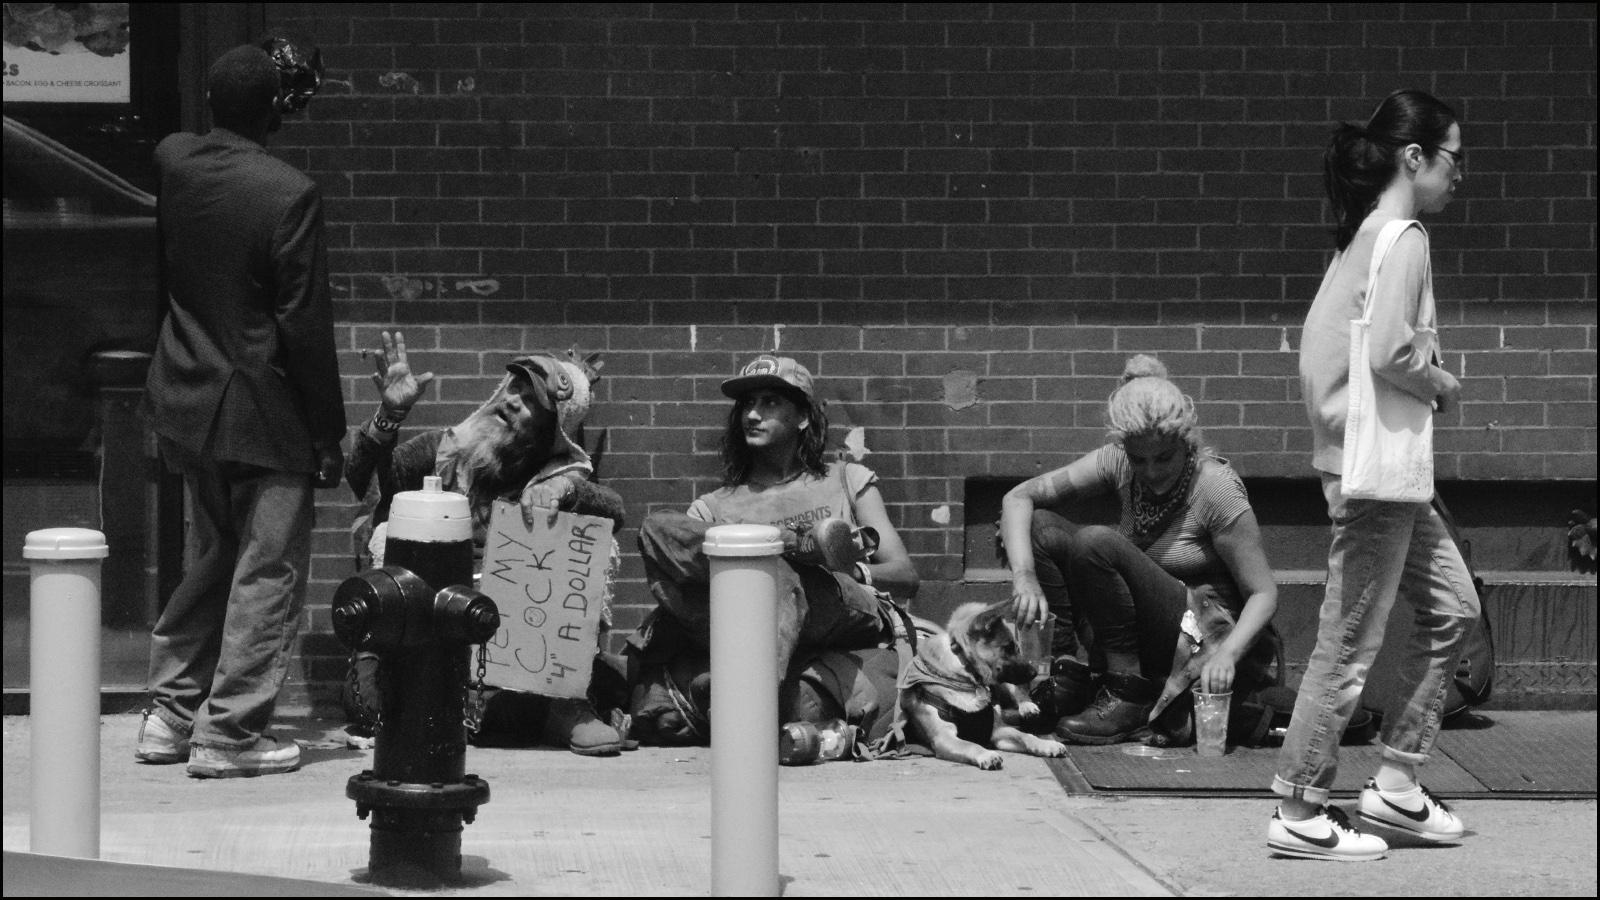 street scene in nyc (c) mark somple 2019